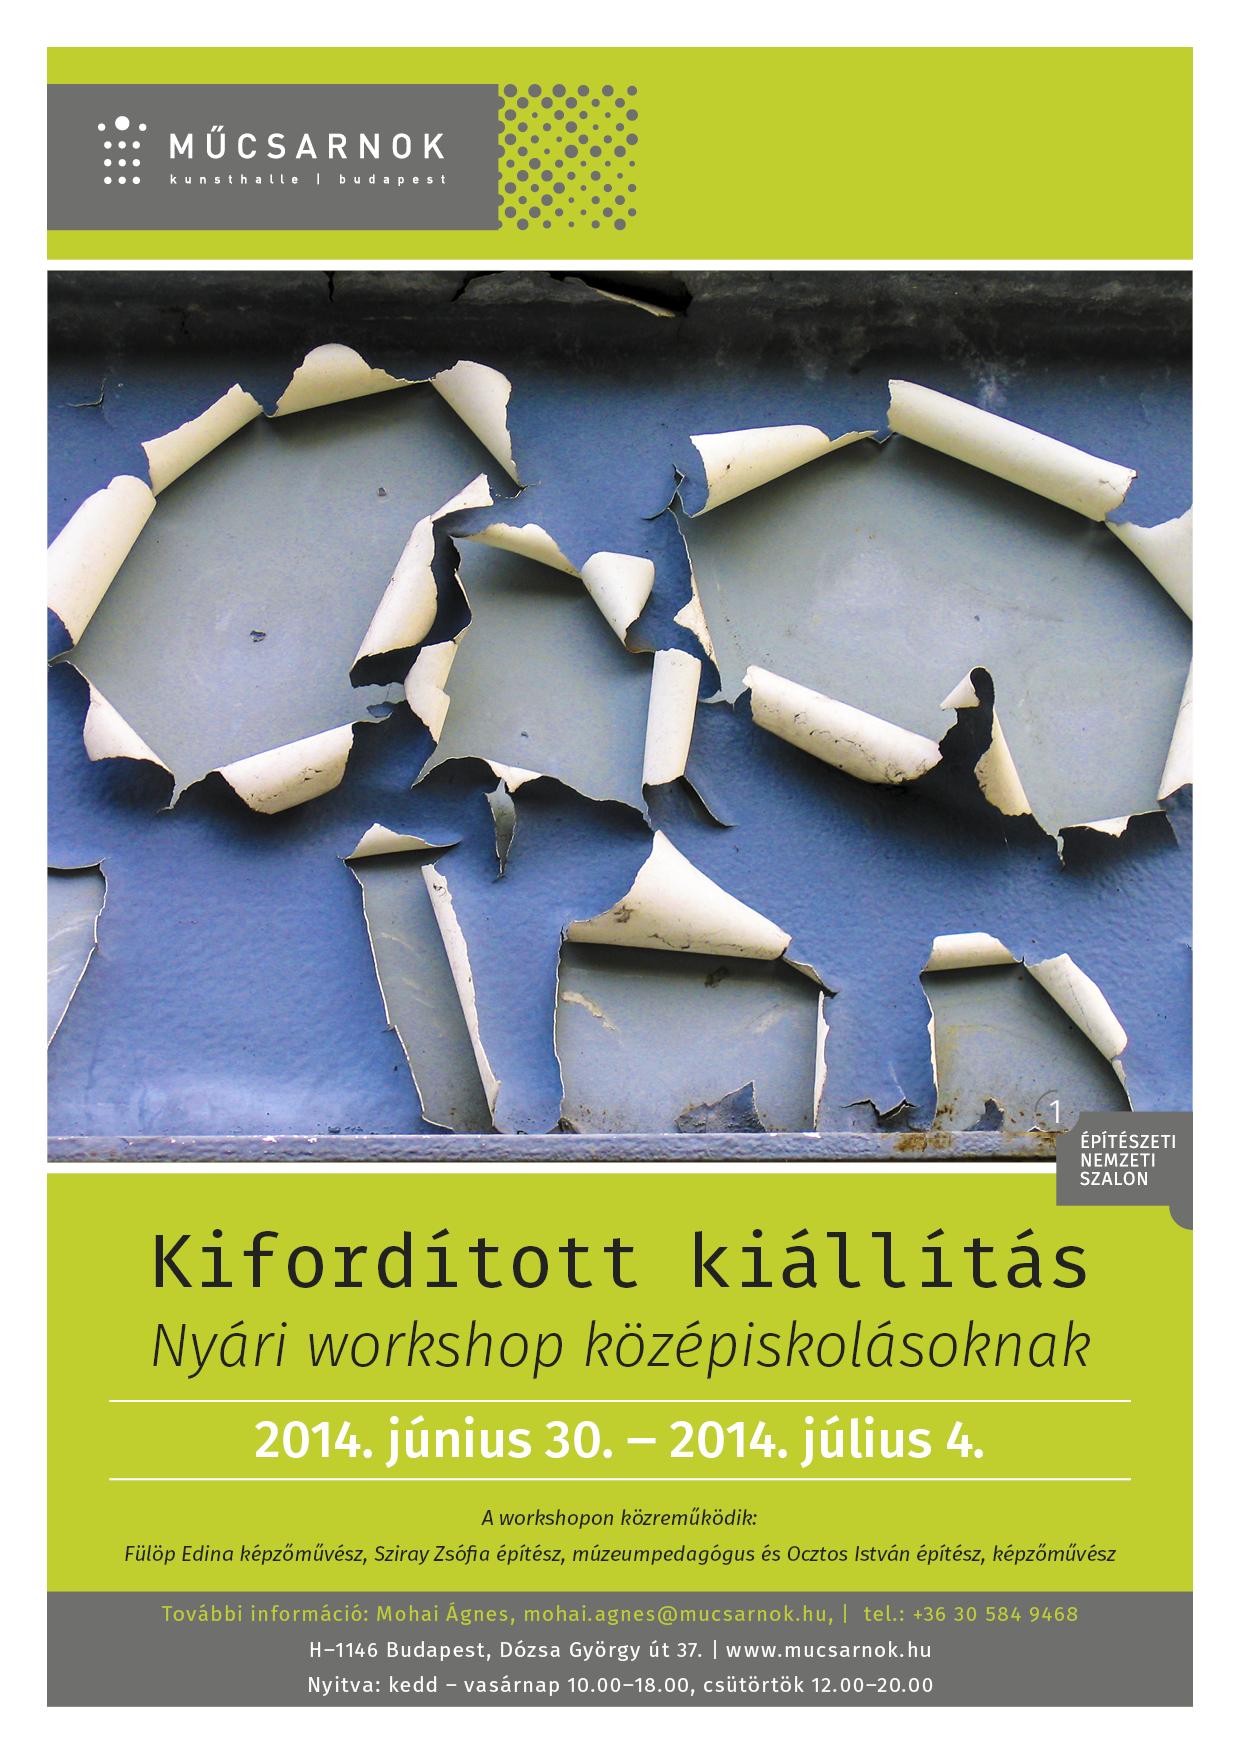 Kifordított kiállítás - Nyári workshop középiskolásoknak a Műcsarnokban - 2014. június 30 - 2014. július 04.